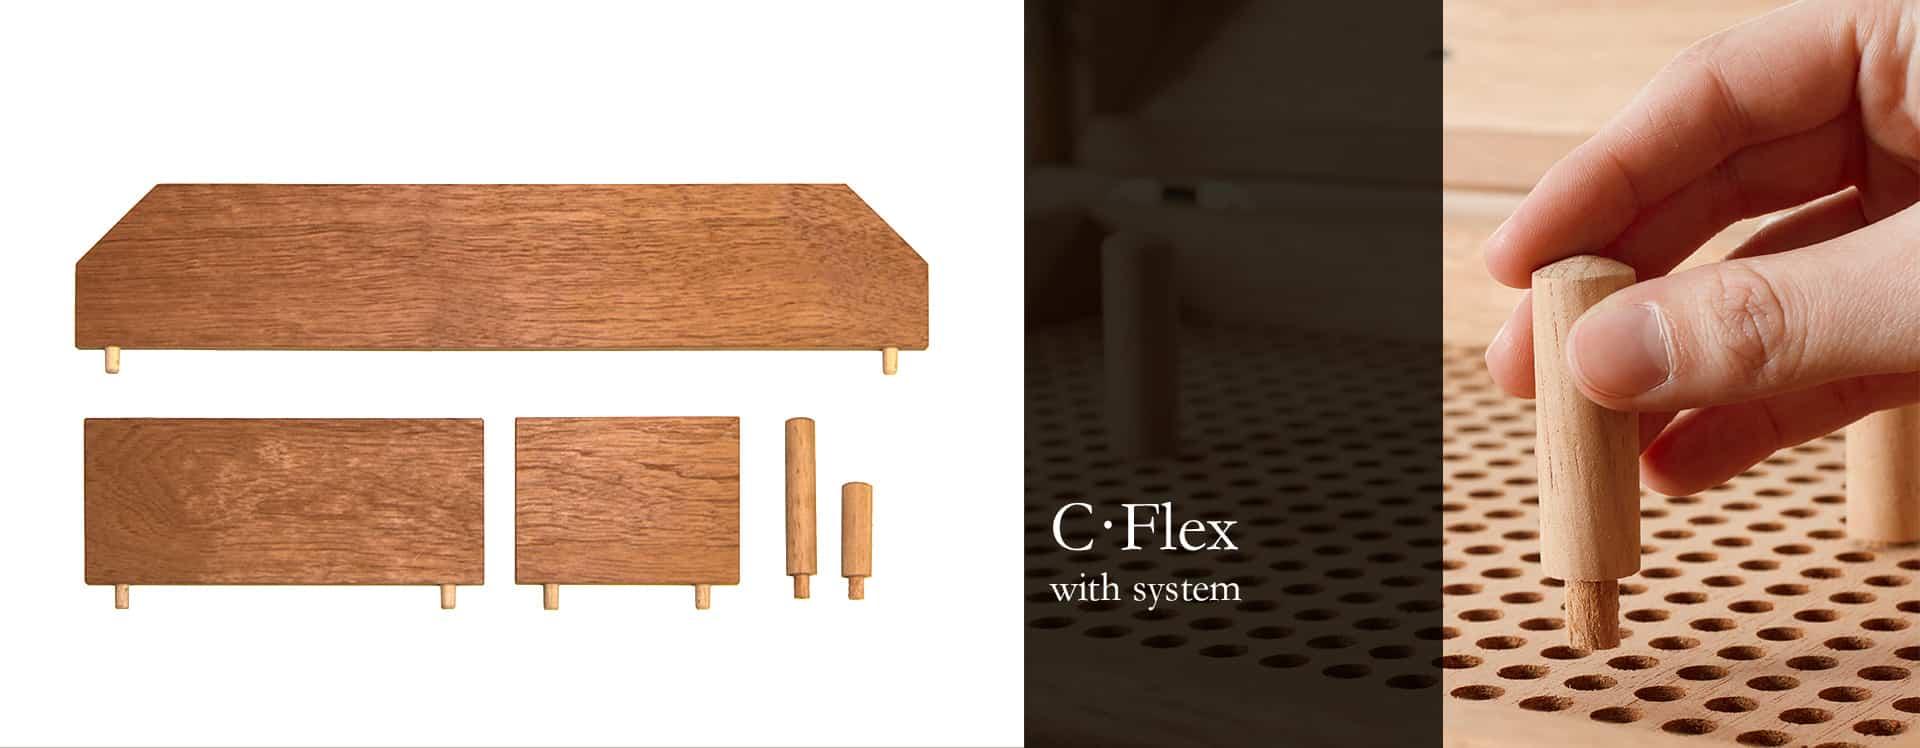 GERBER humidor C·Flex System